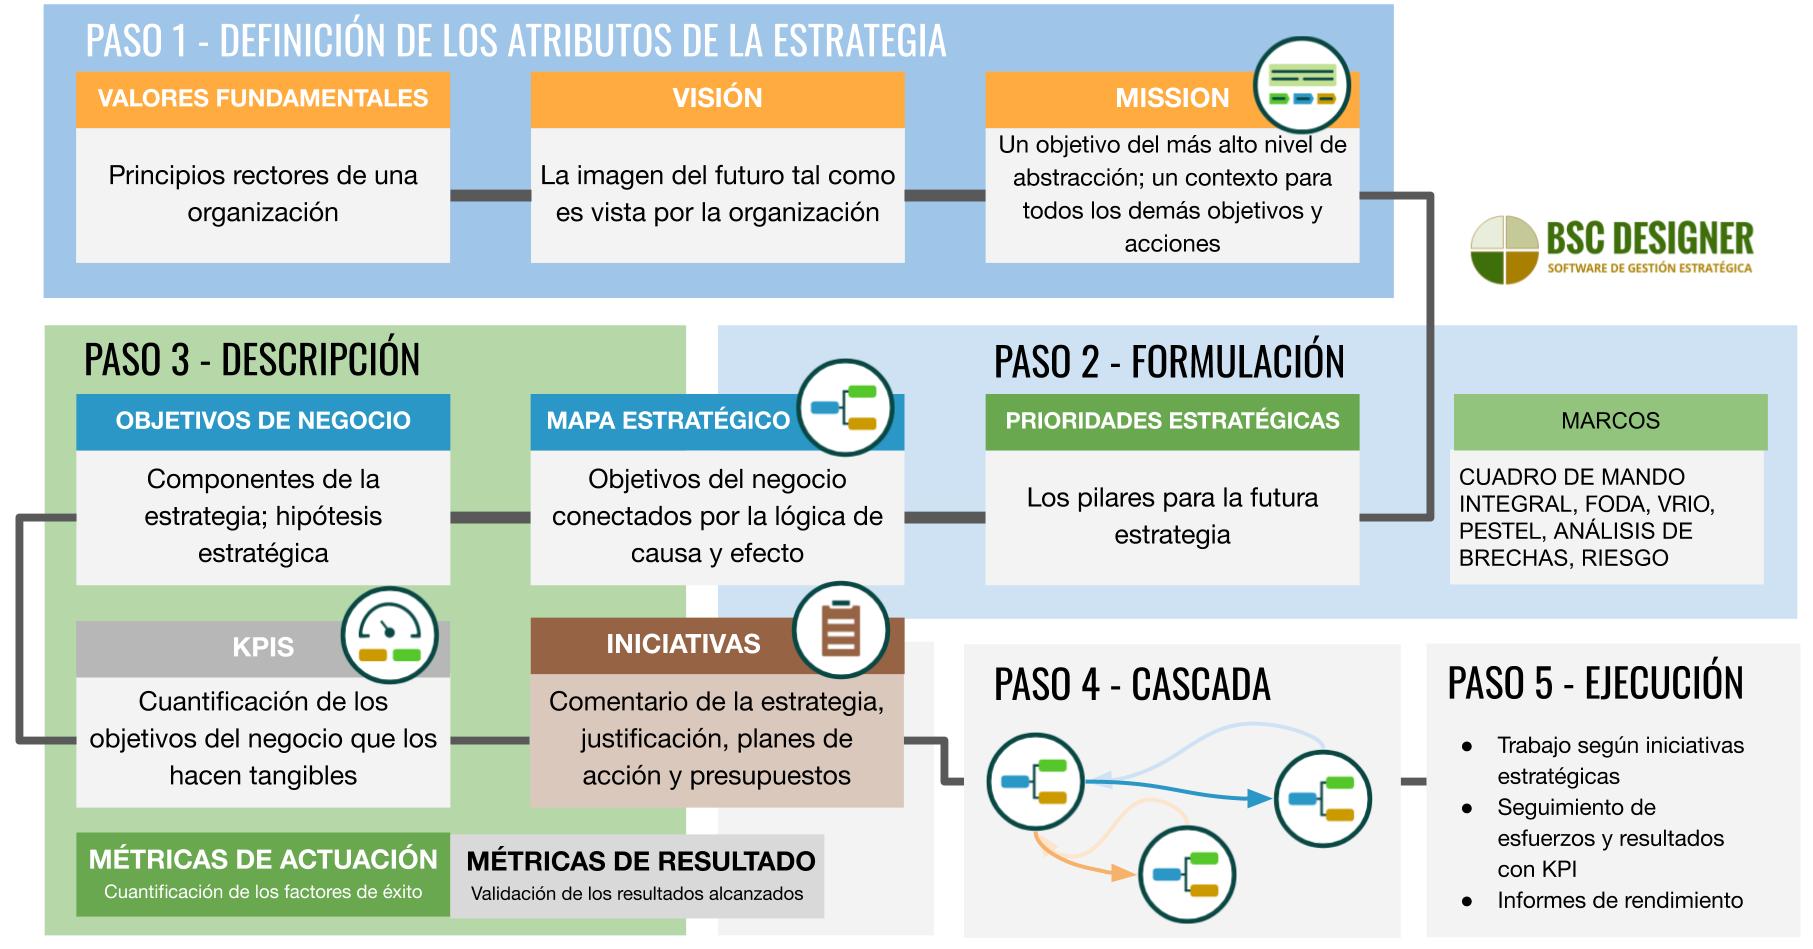 5 pasos del proceso de planificación estratégica, desde definir valores, visión y misión hasta describir la estrategia en mapas estratégicos con objetivos de negocios, KPIs e iniciativas.